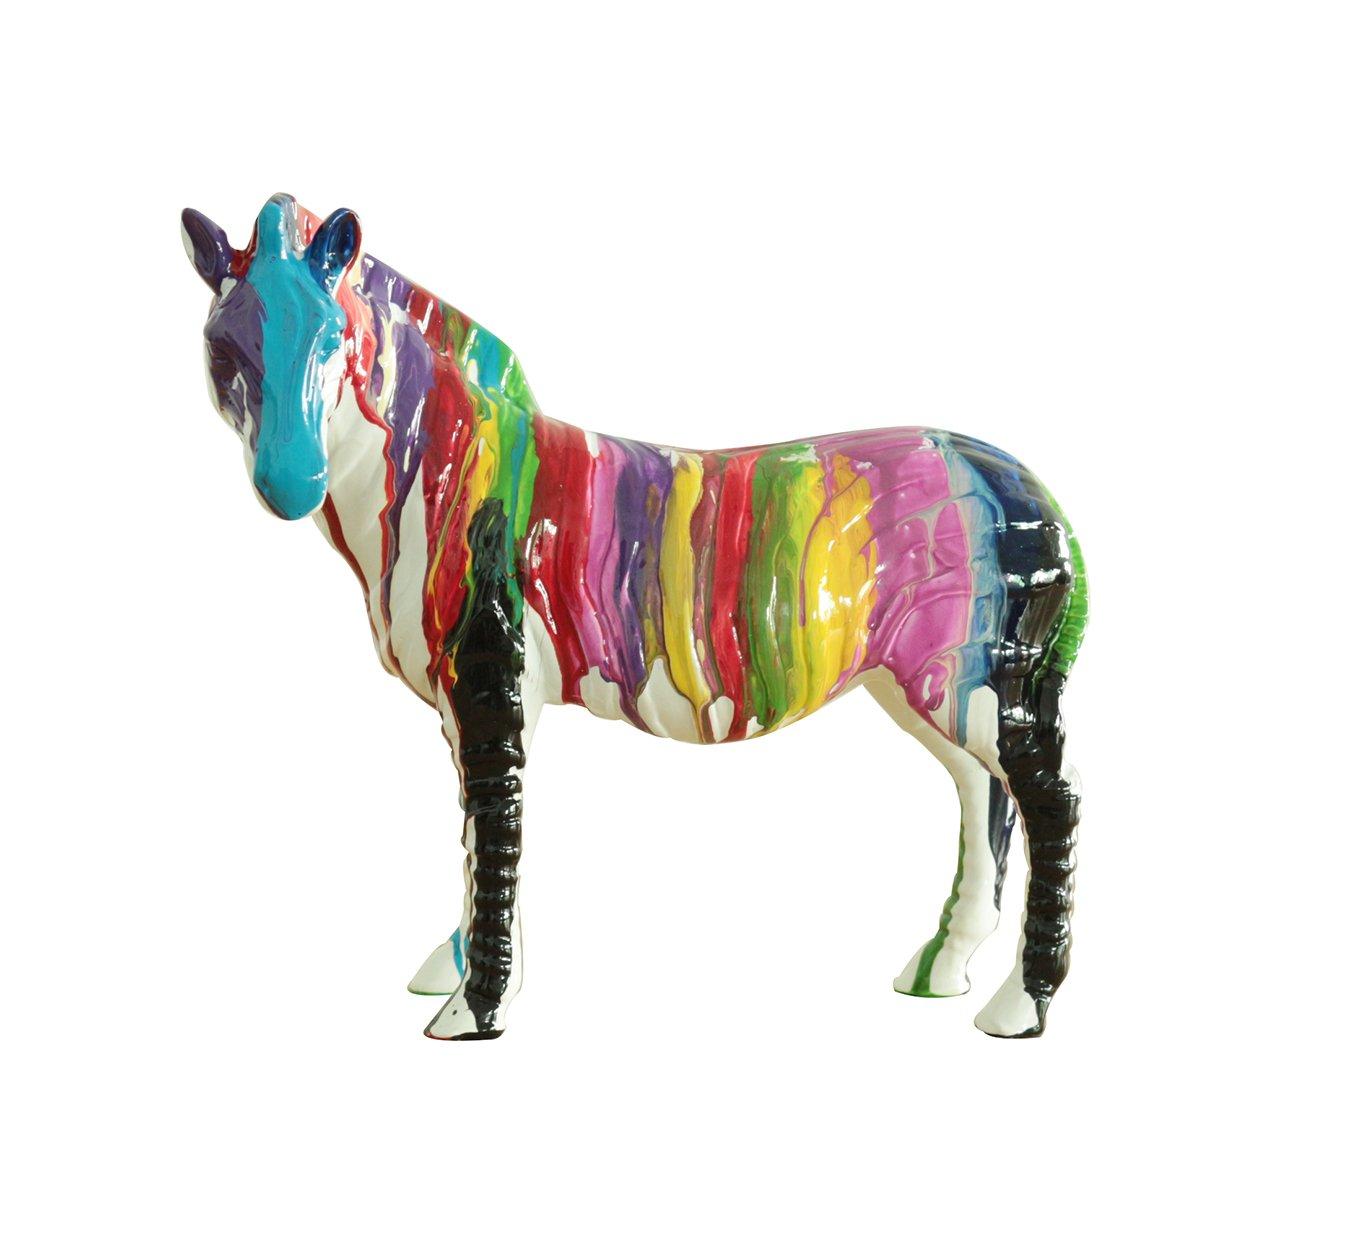 Zebra Statue Color Splash Paint Motif Lacquer, Object Decoration Modern Design Meubletmoi